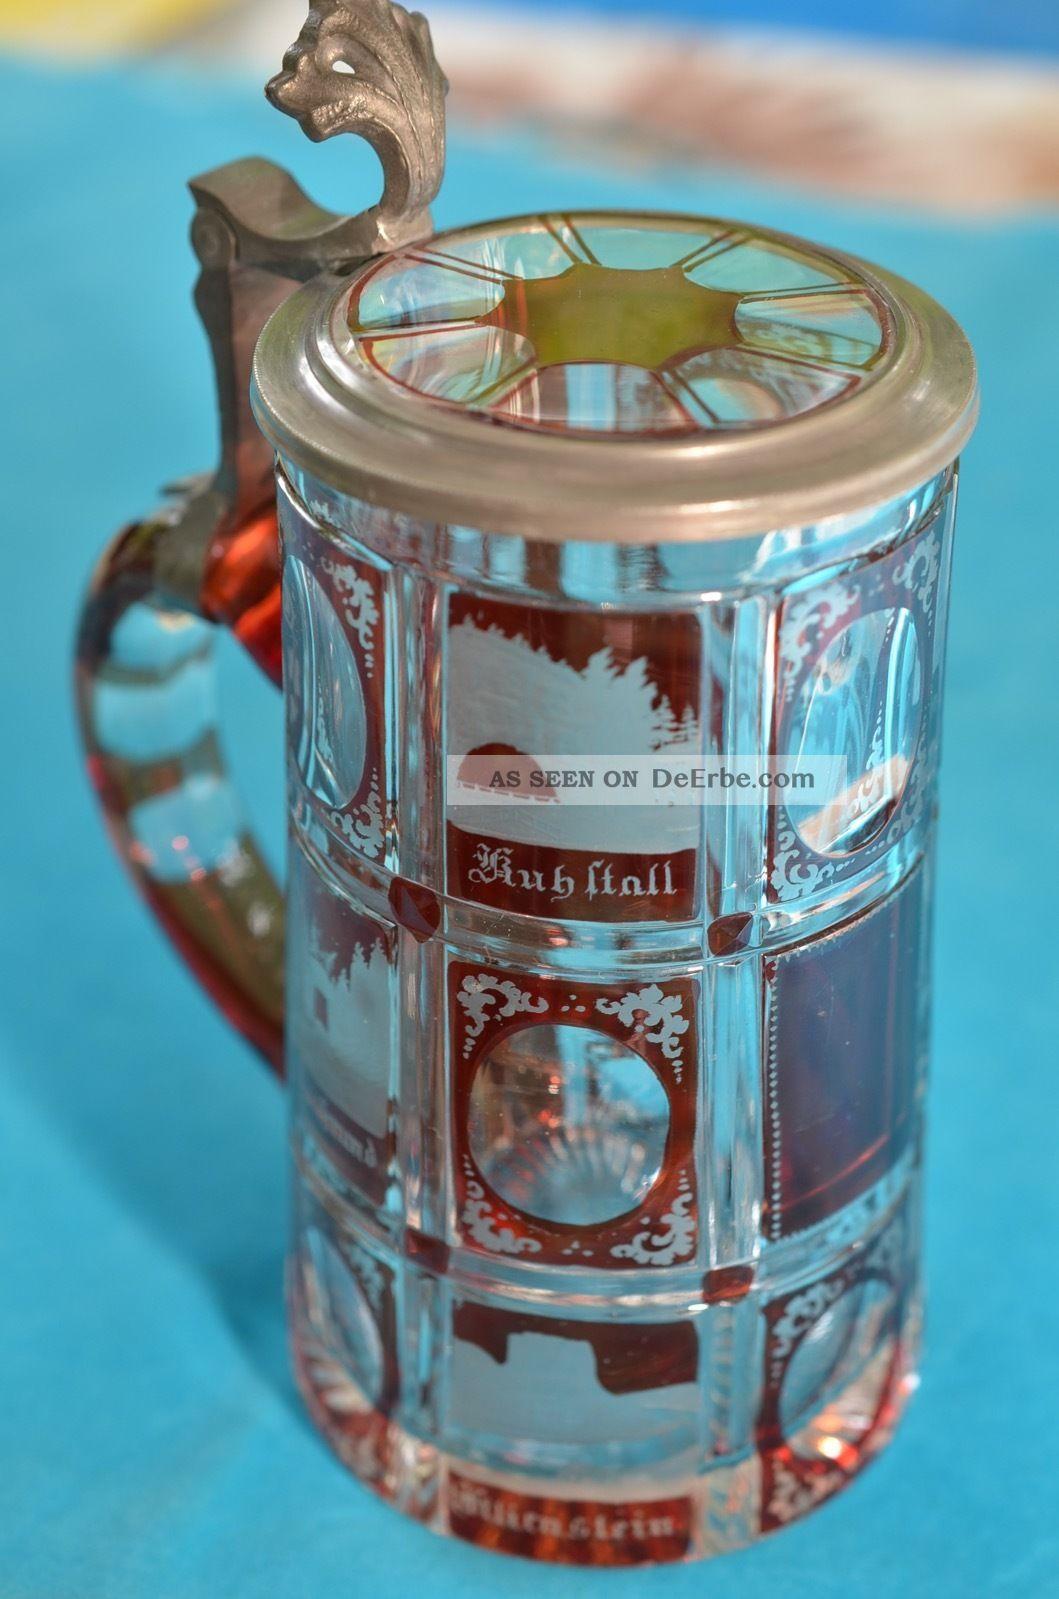 Alter Antiker Prunkvoller Echt Geschliffener Kristallkrug Andenkenkrug Um 1900 Sammlerglas Bild